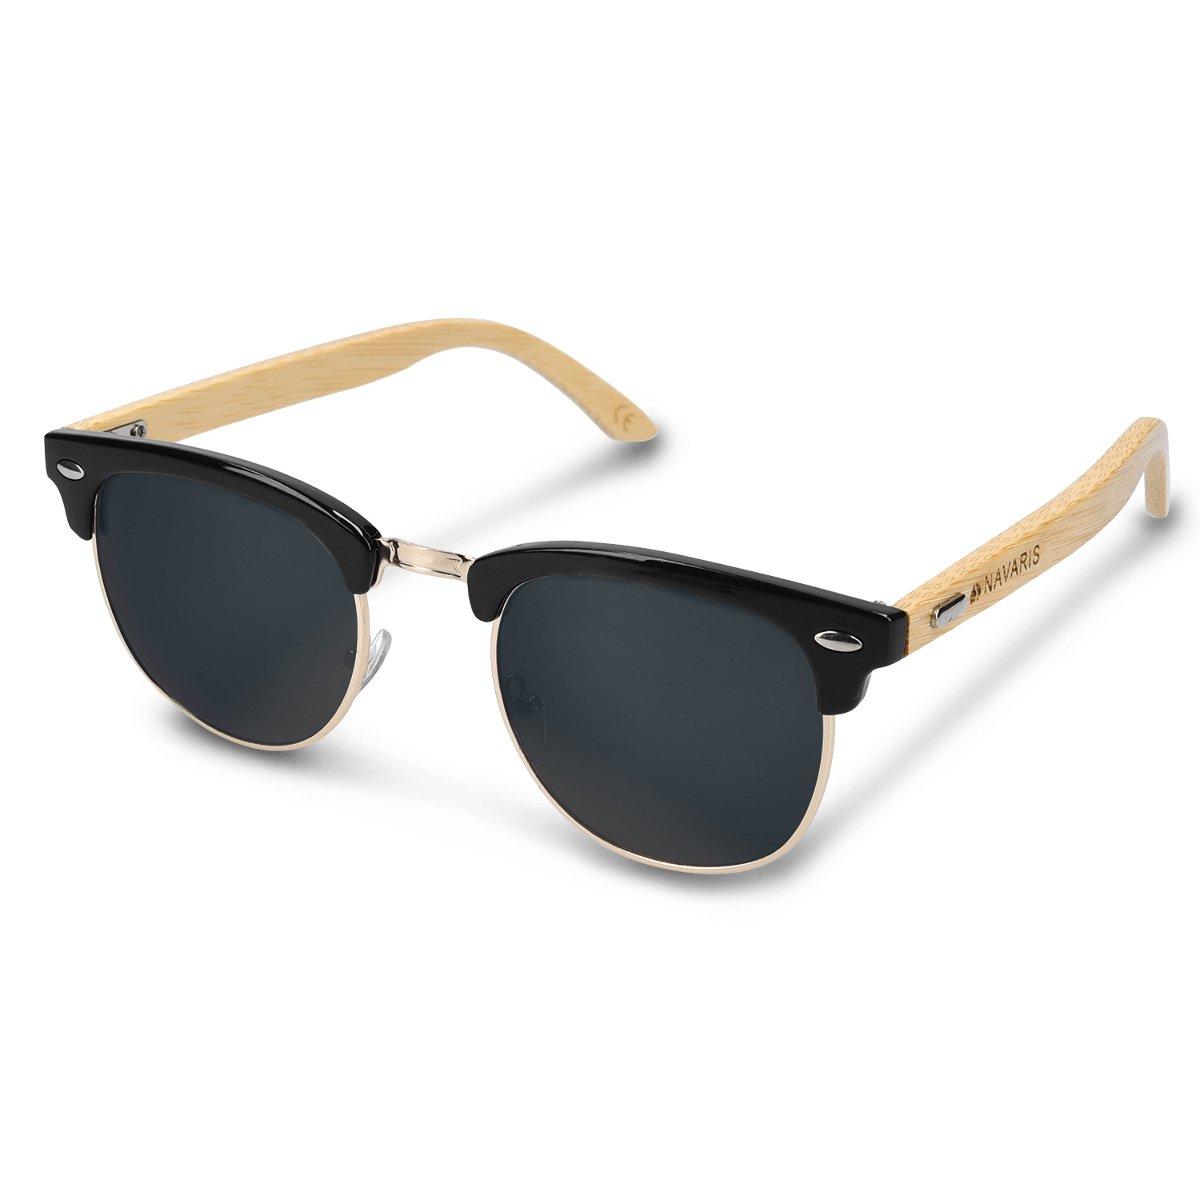 c85b2e49a8f7 Navaris Holz Sonnenbrille UV400 - Damen Herren Retro Brille Holzoptik -  Unisex Bambus Holzbrille mit Etui - unterschiedliche Farben